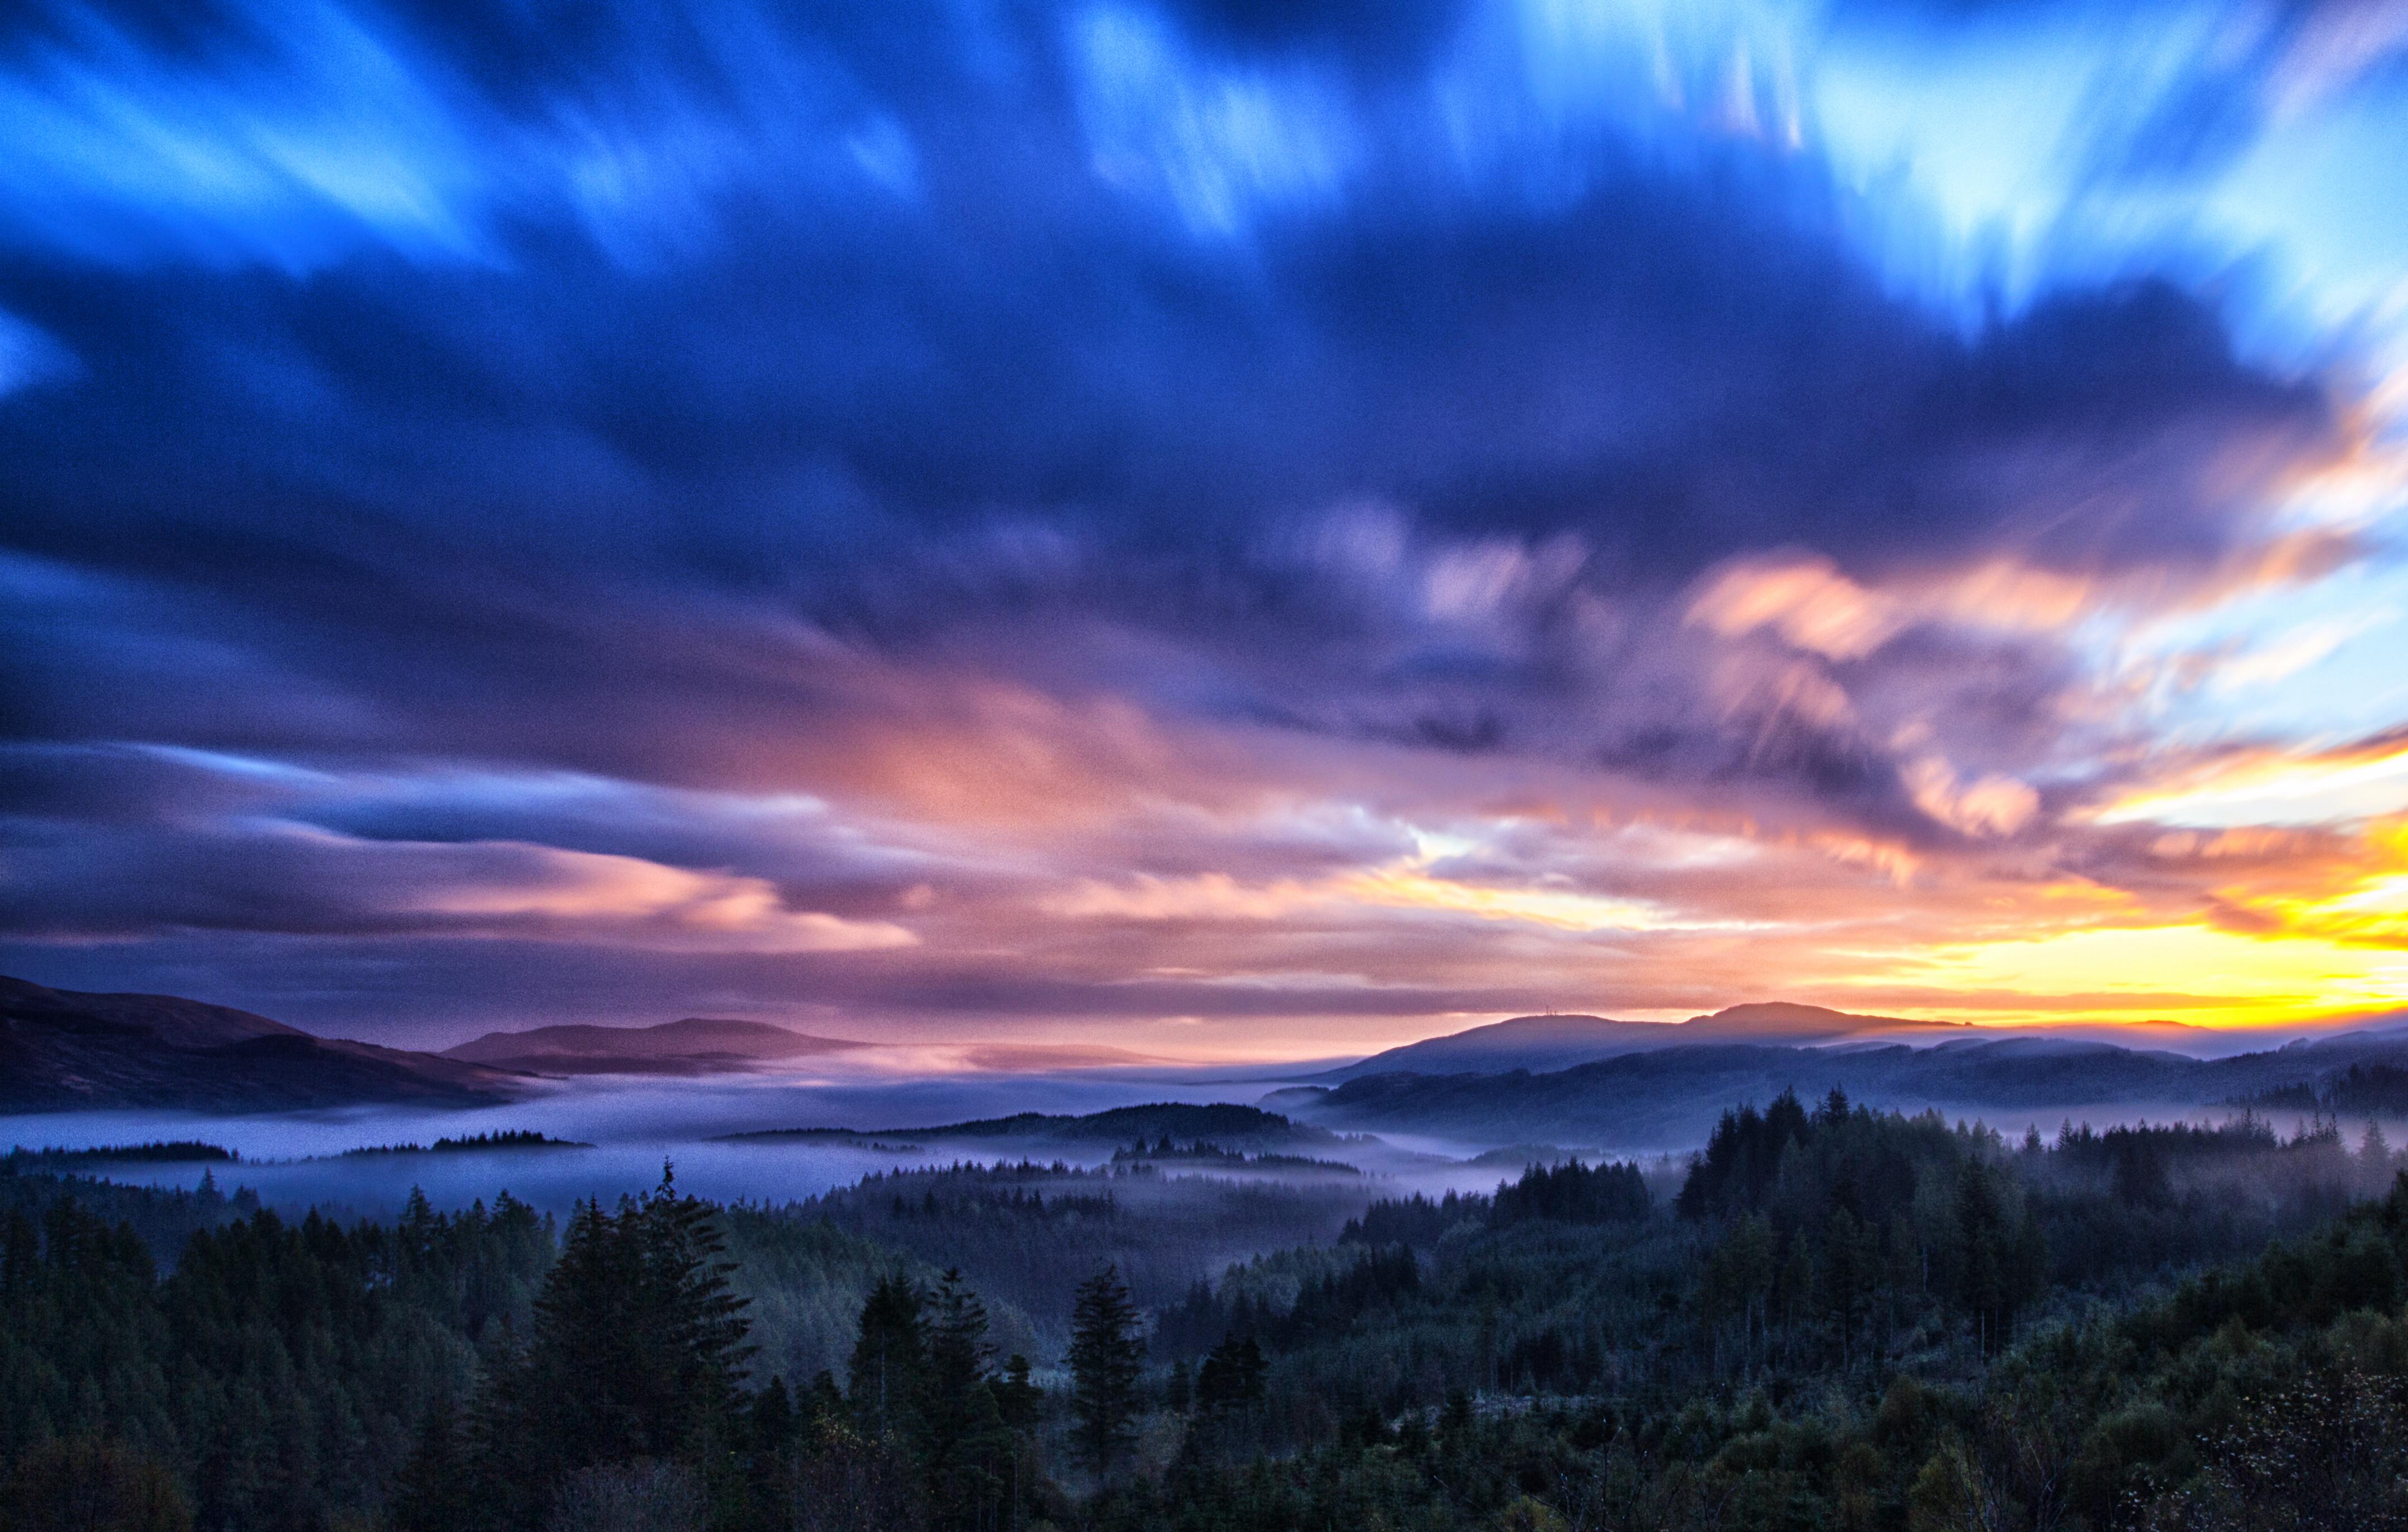 free images   horizon  mountain  cloud  sunrise  sunset